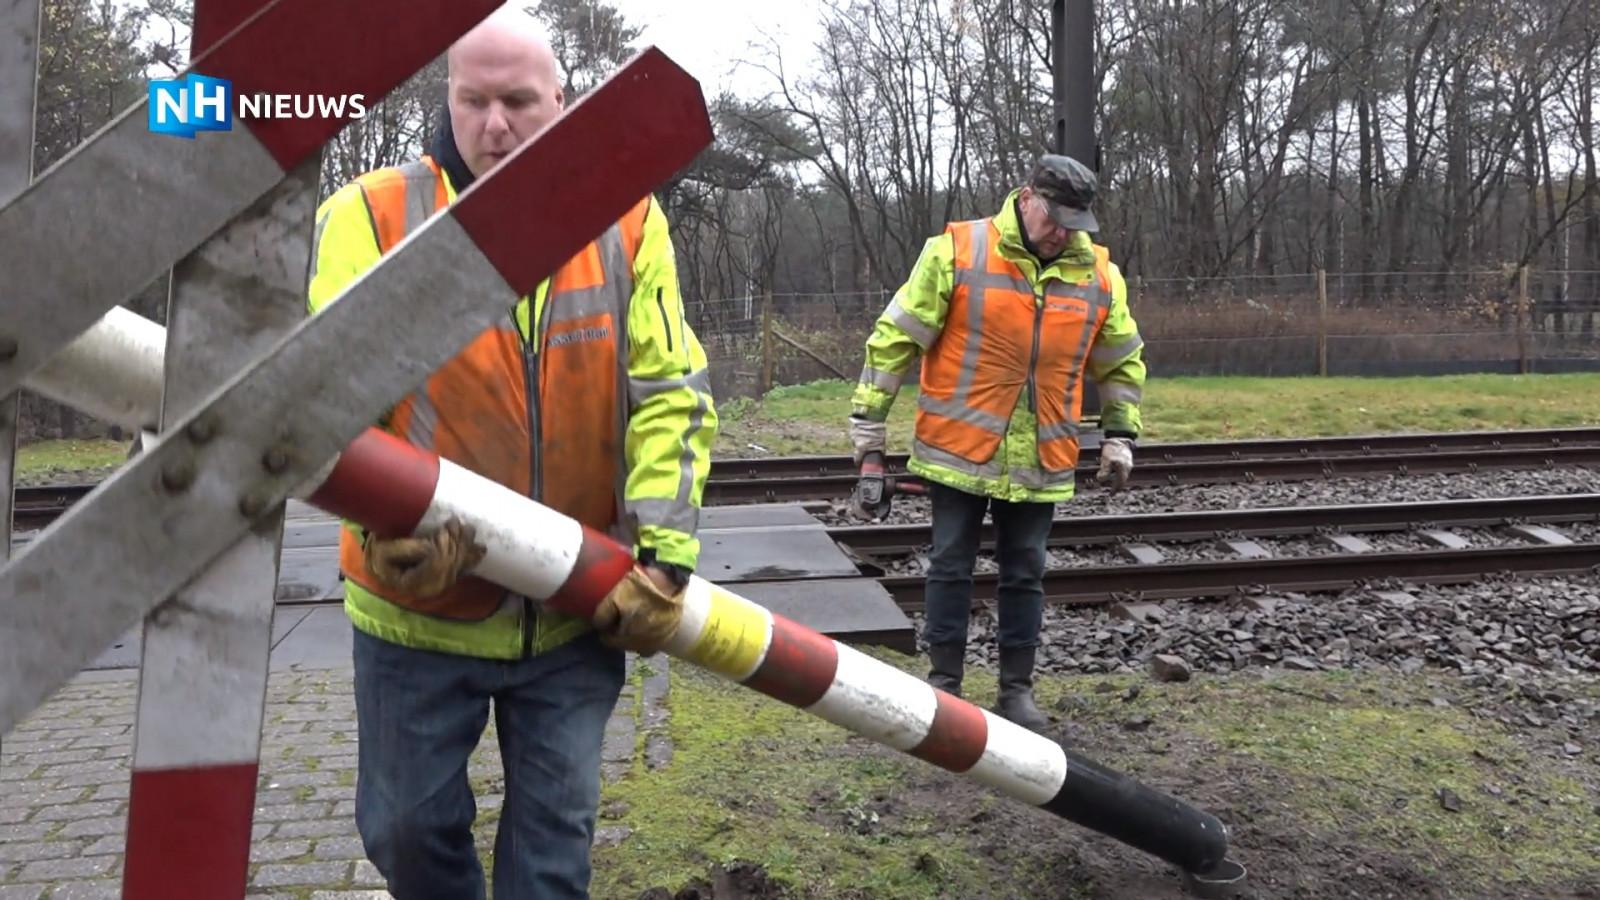 Spoorwegovergang Hilversum definitief gesloten na zes dodelijke ongelukken in de afgelopen jaren.